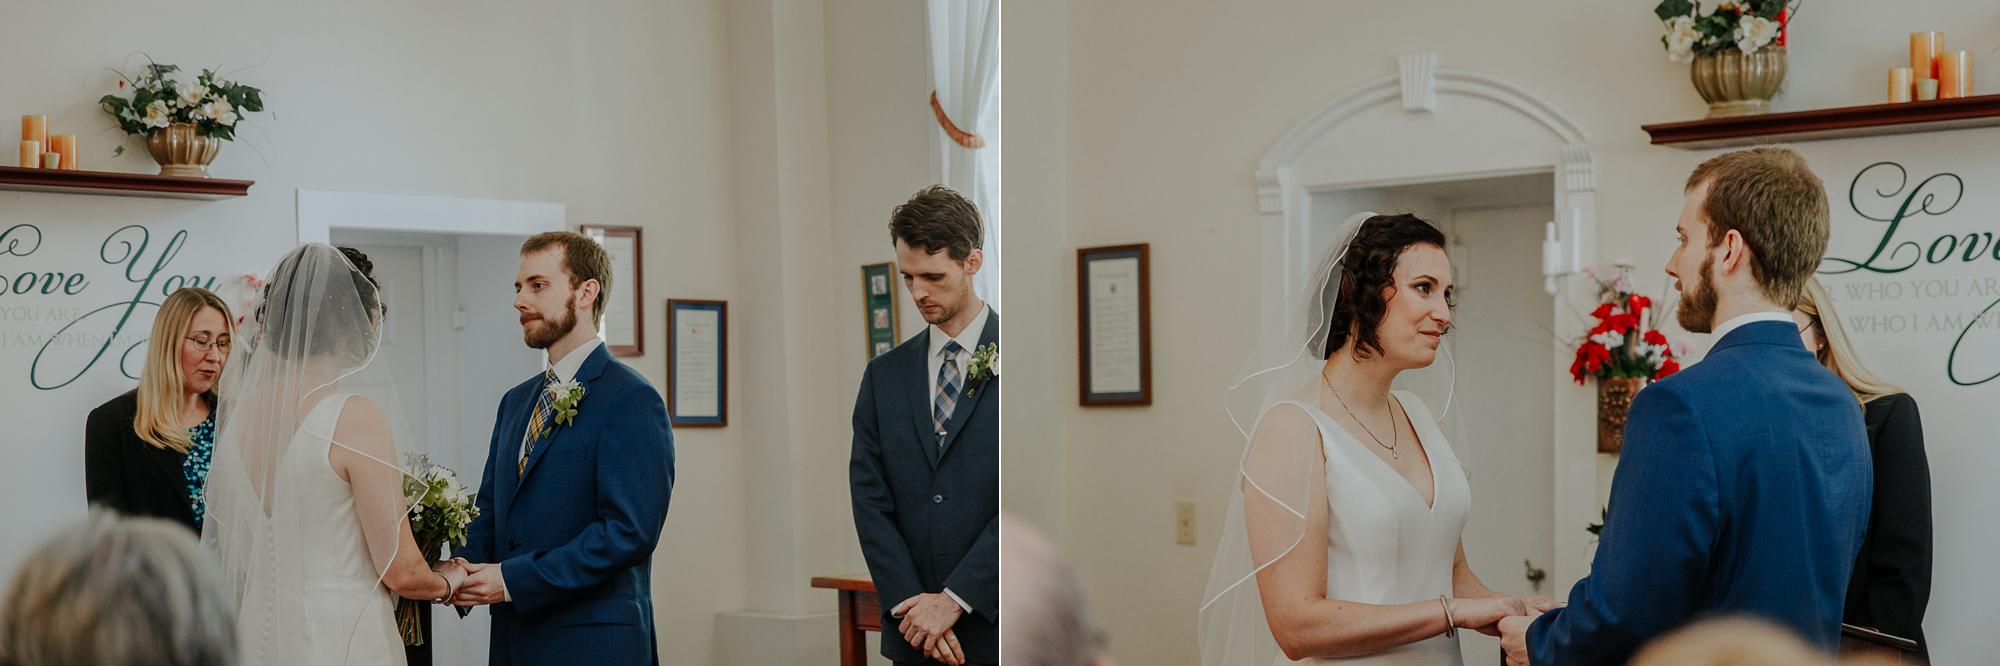 056-annapolis_courthouse_wedding.jpg